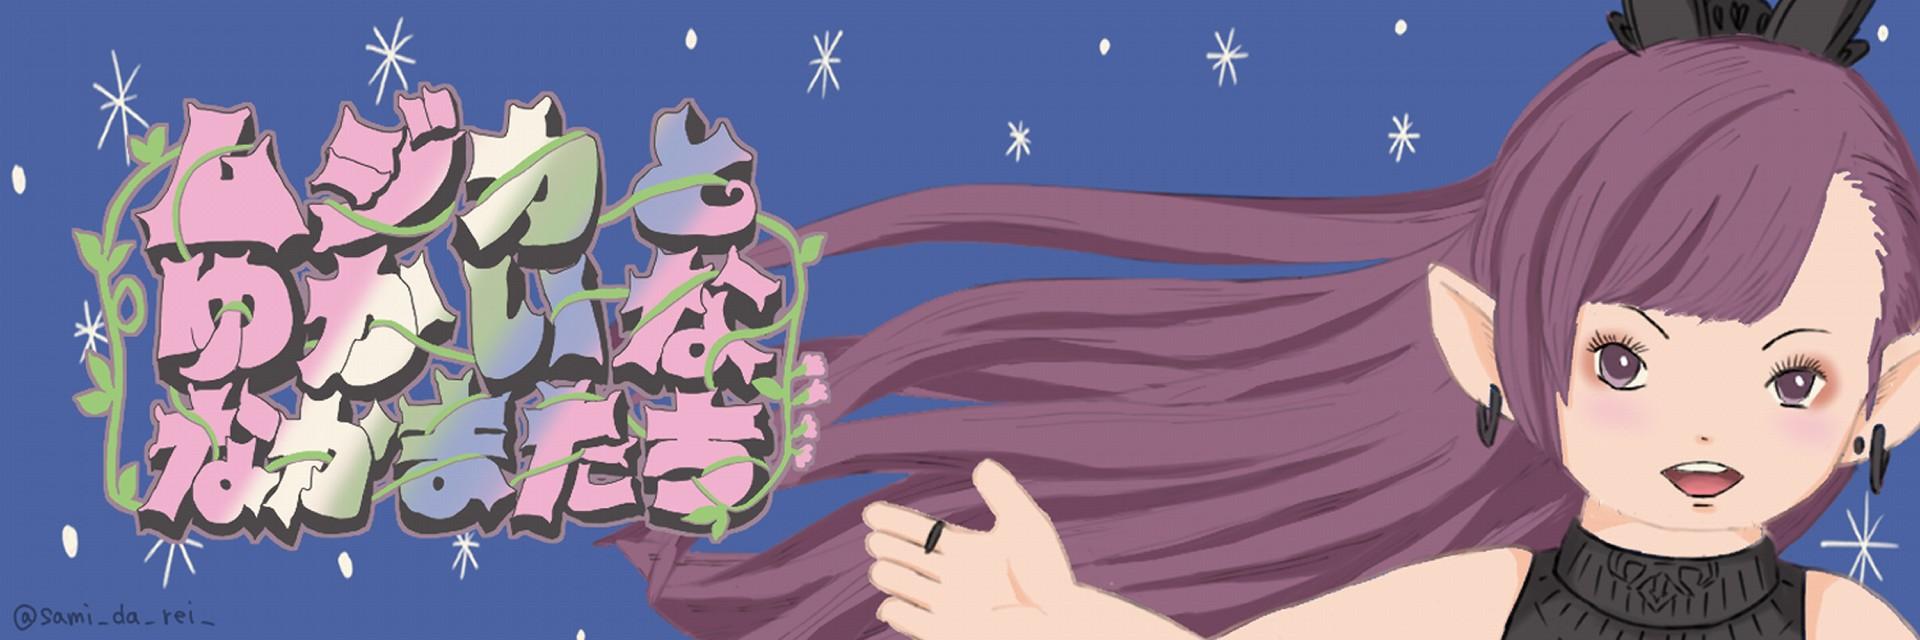 f:id:ryoushitsu-musica:20210503093234j:image